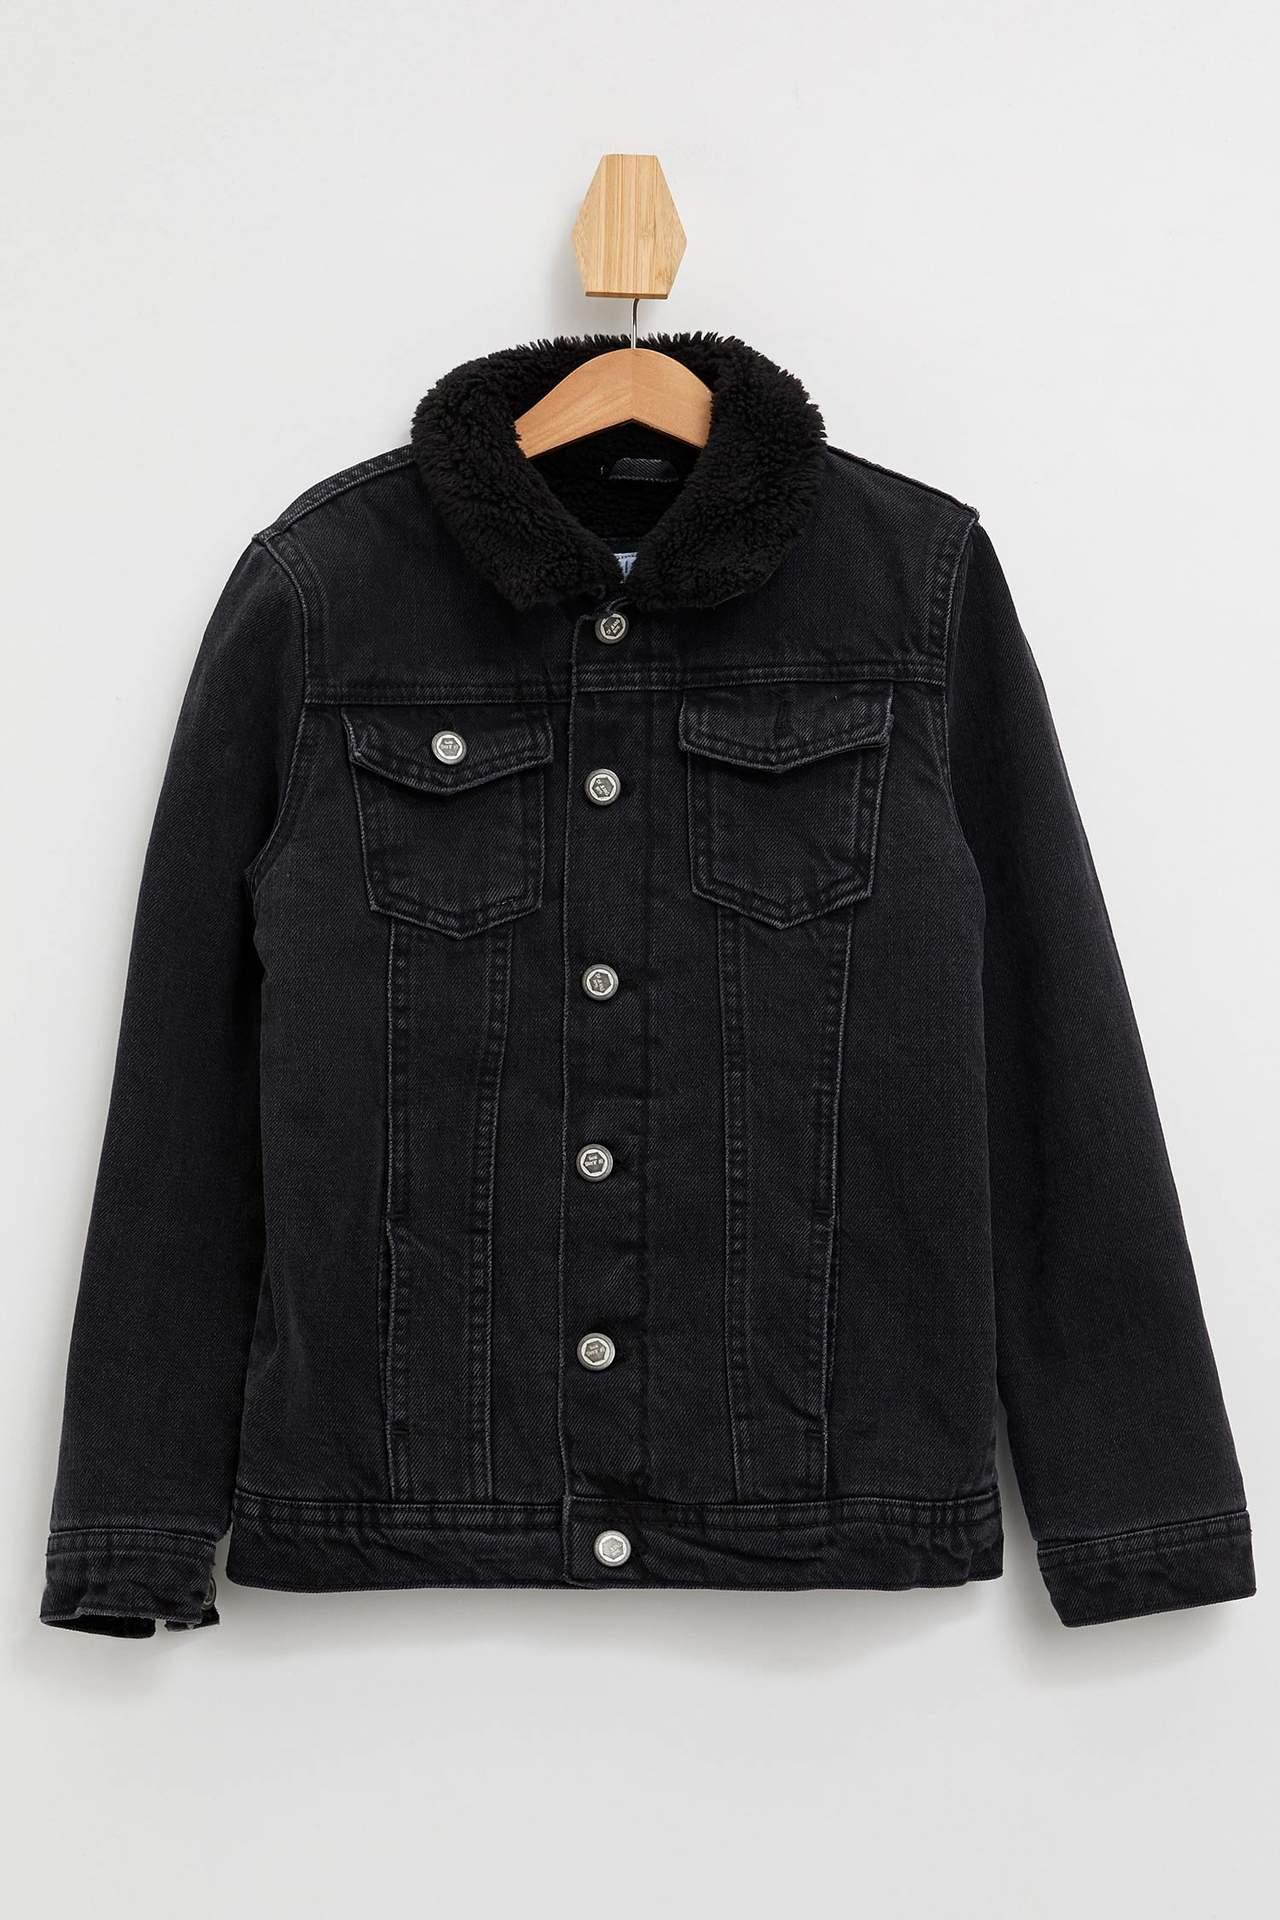 DeFacto Erkek Çocuk Yakası Kürk Detaylı Ceket Siyah male